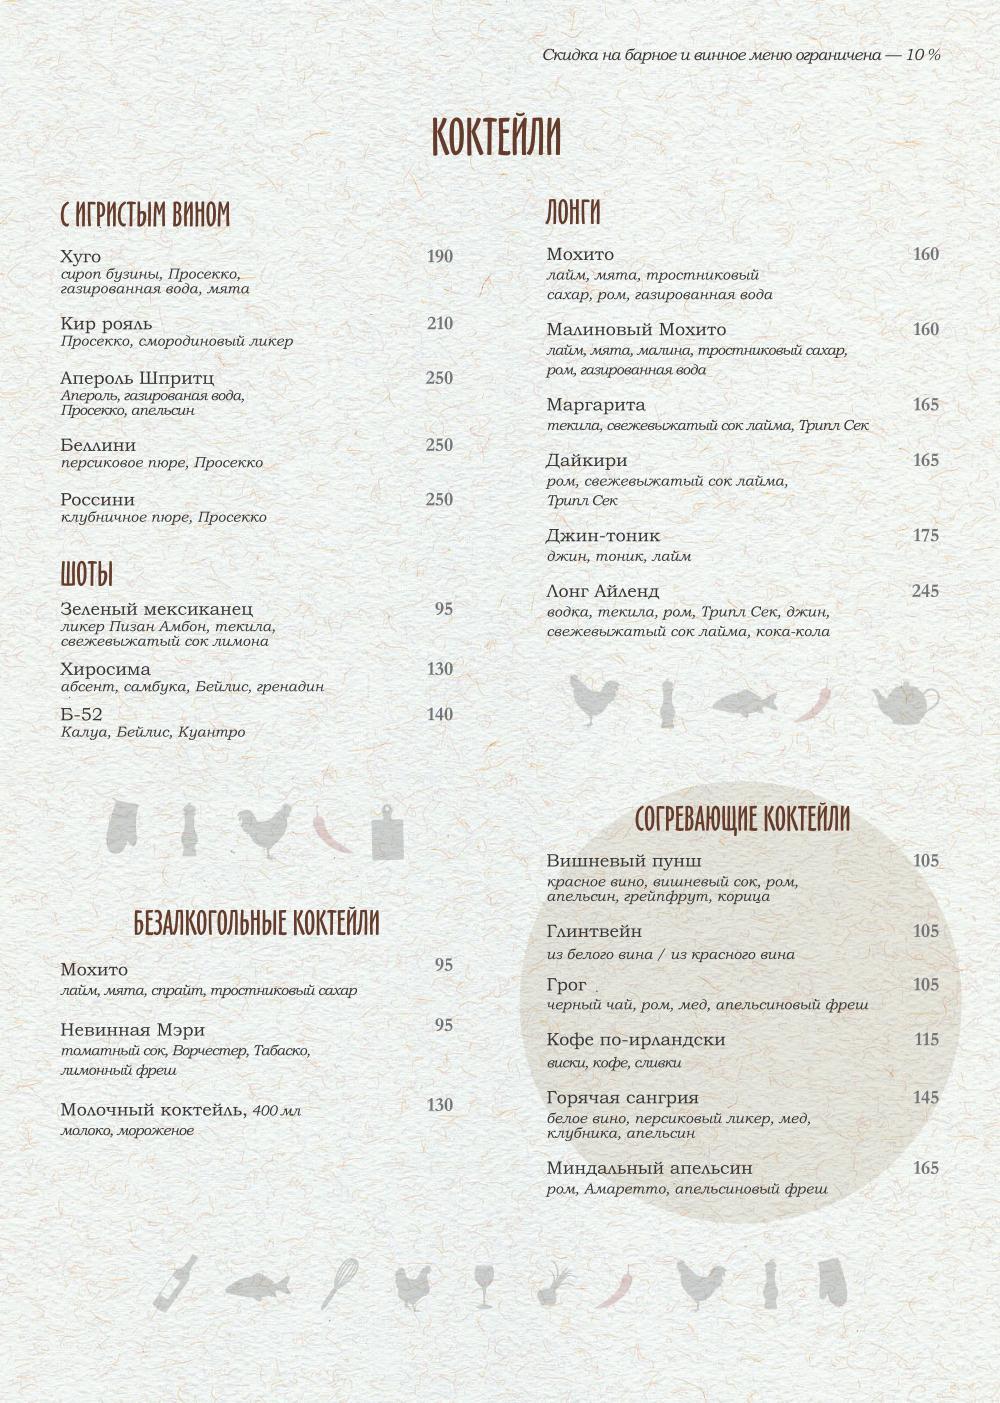 Основное меню ресторана PERETS